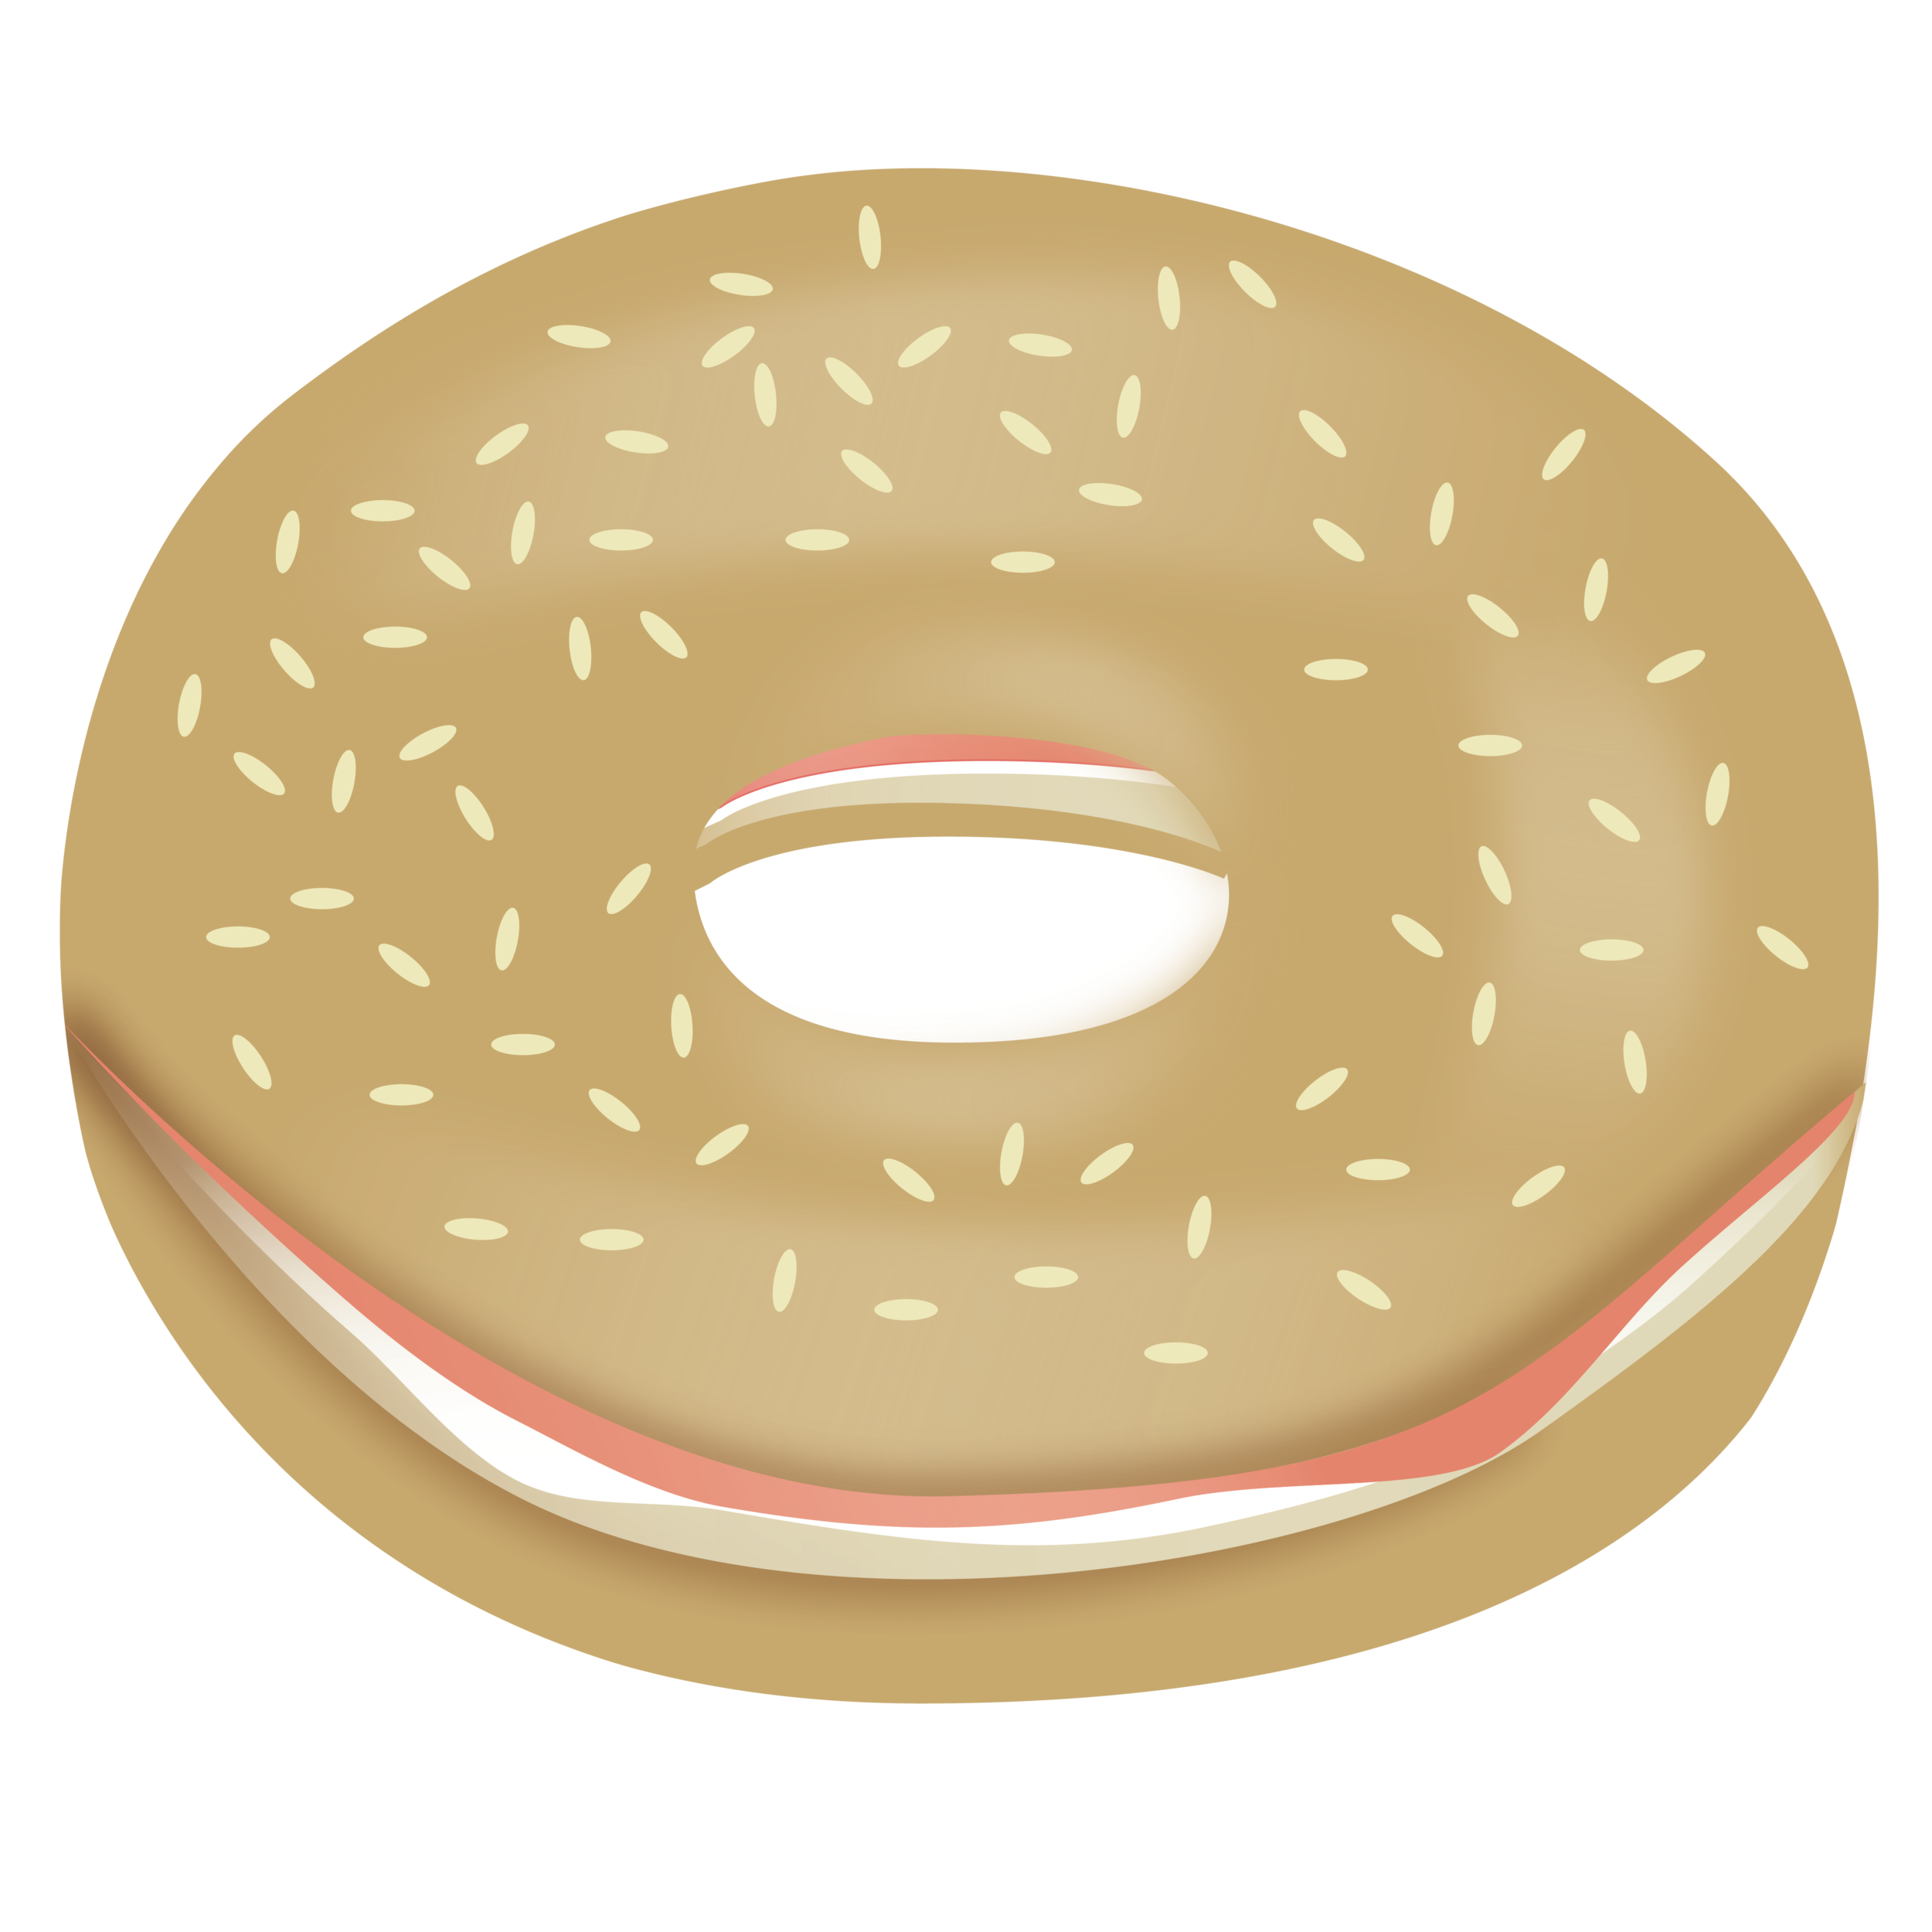 graphic free download Bagel clipart. Designing a emoji v